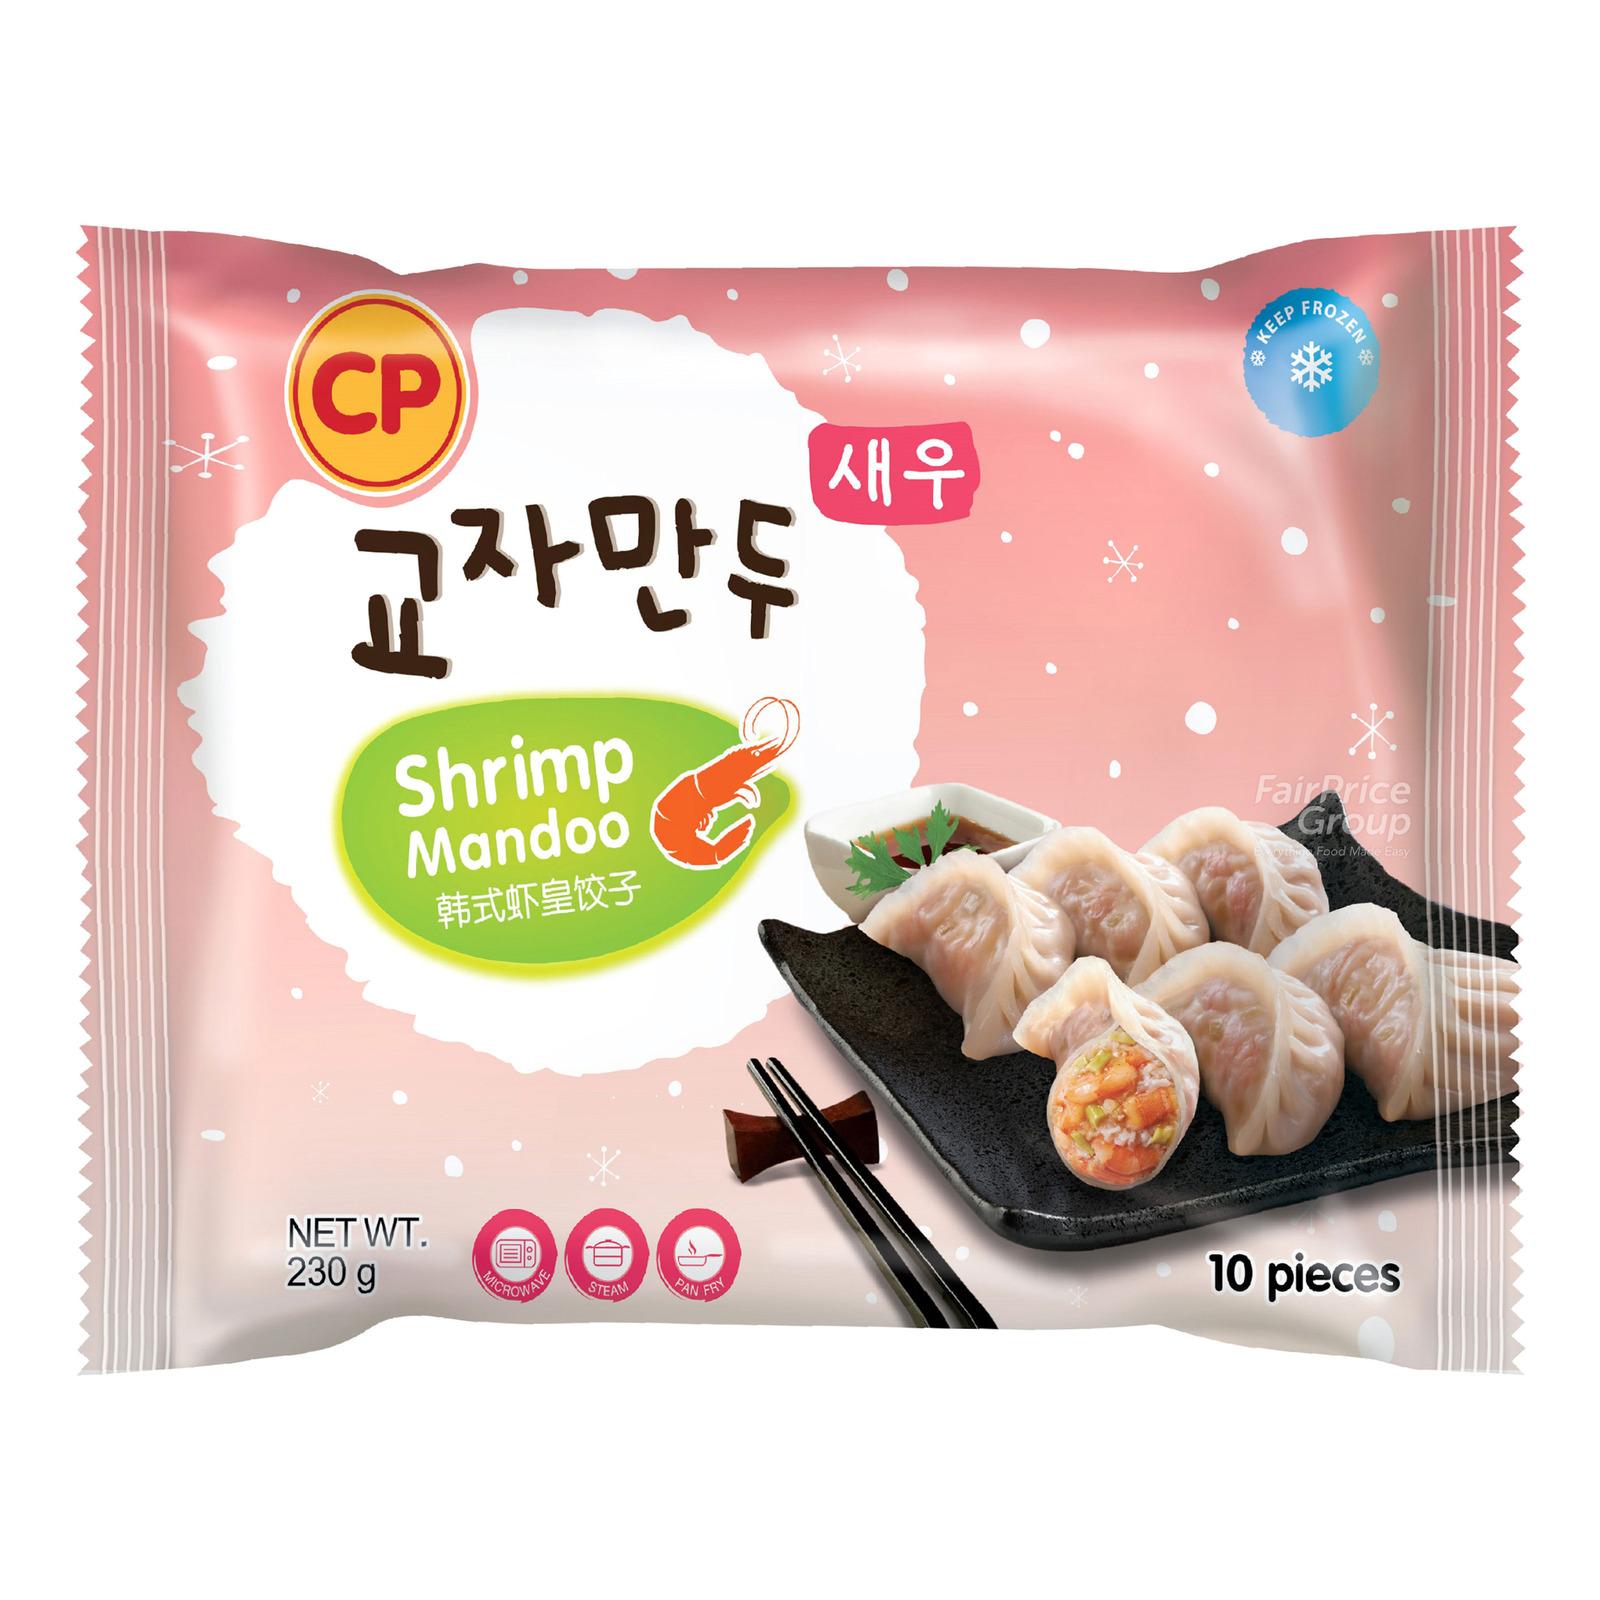 CP Korean Mandoo (Dumpling) - Shrimp